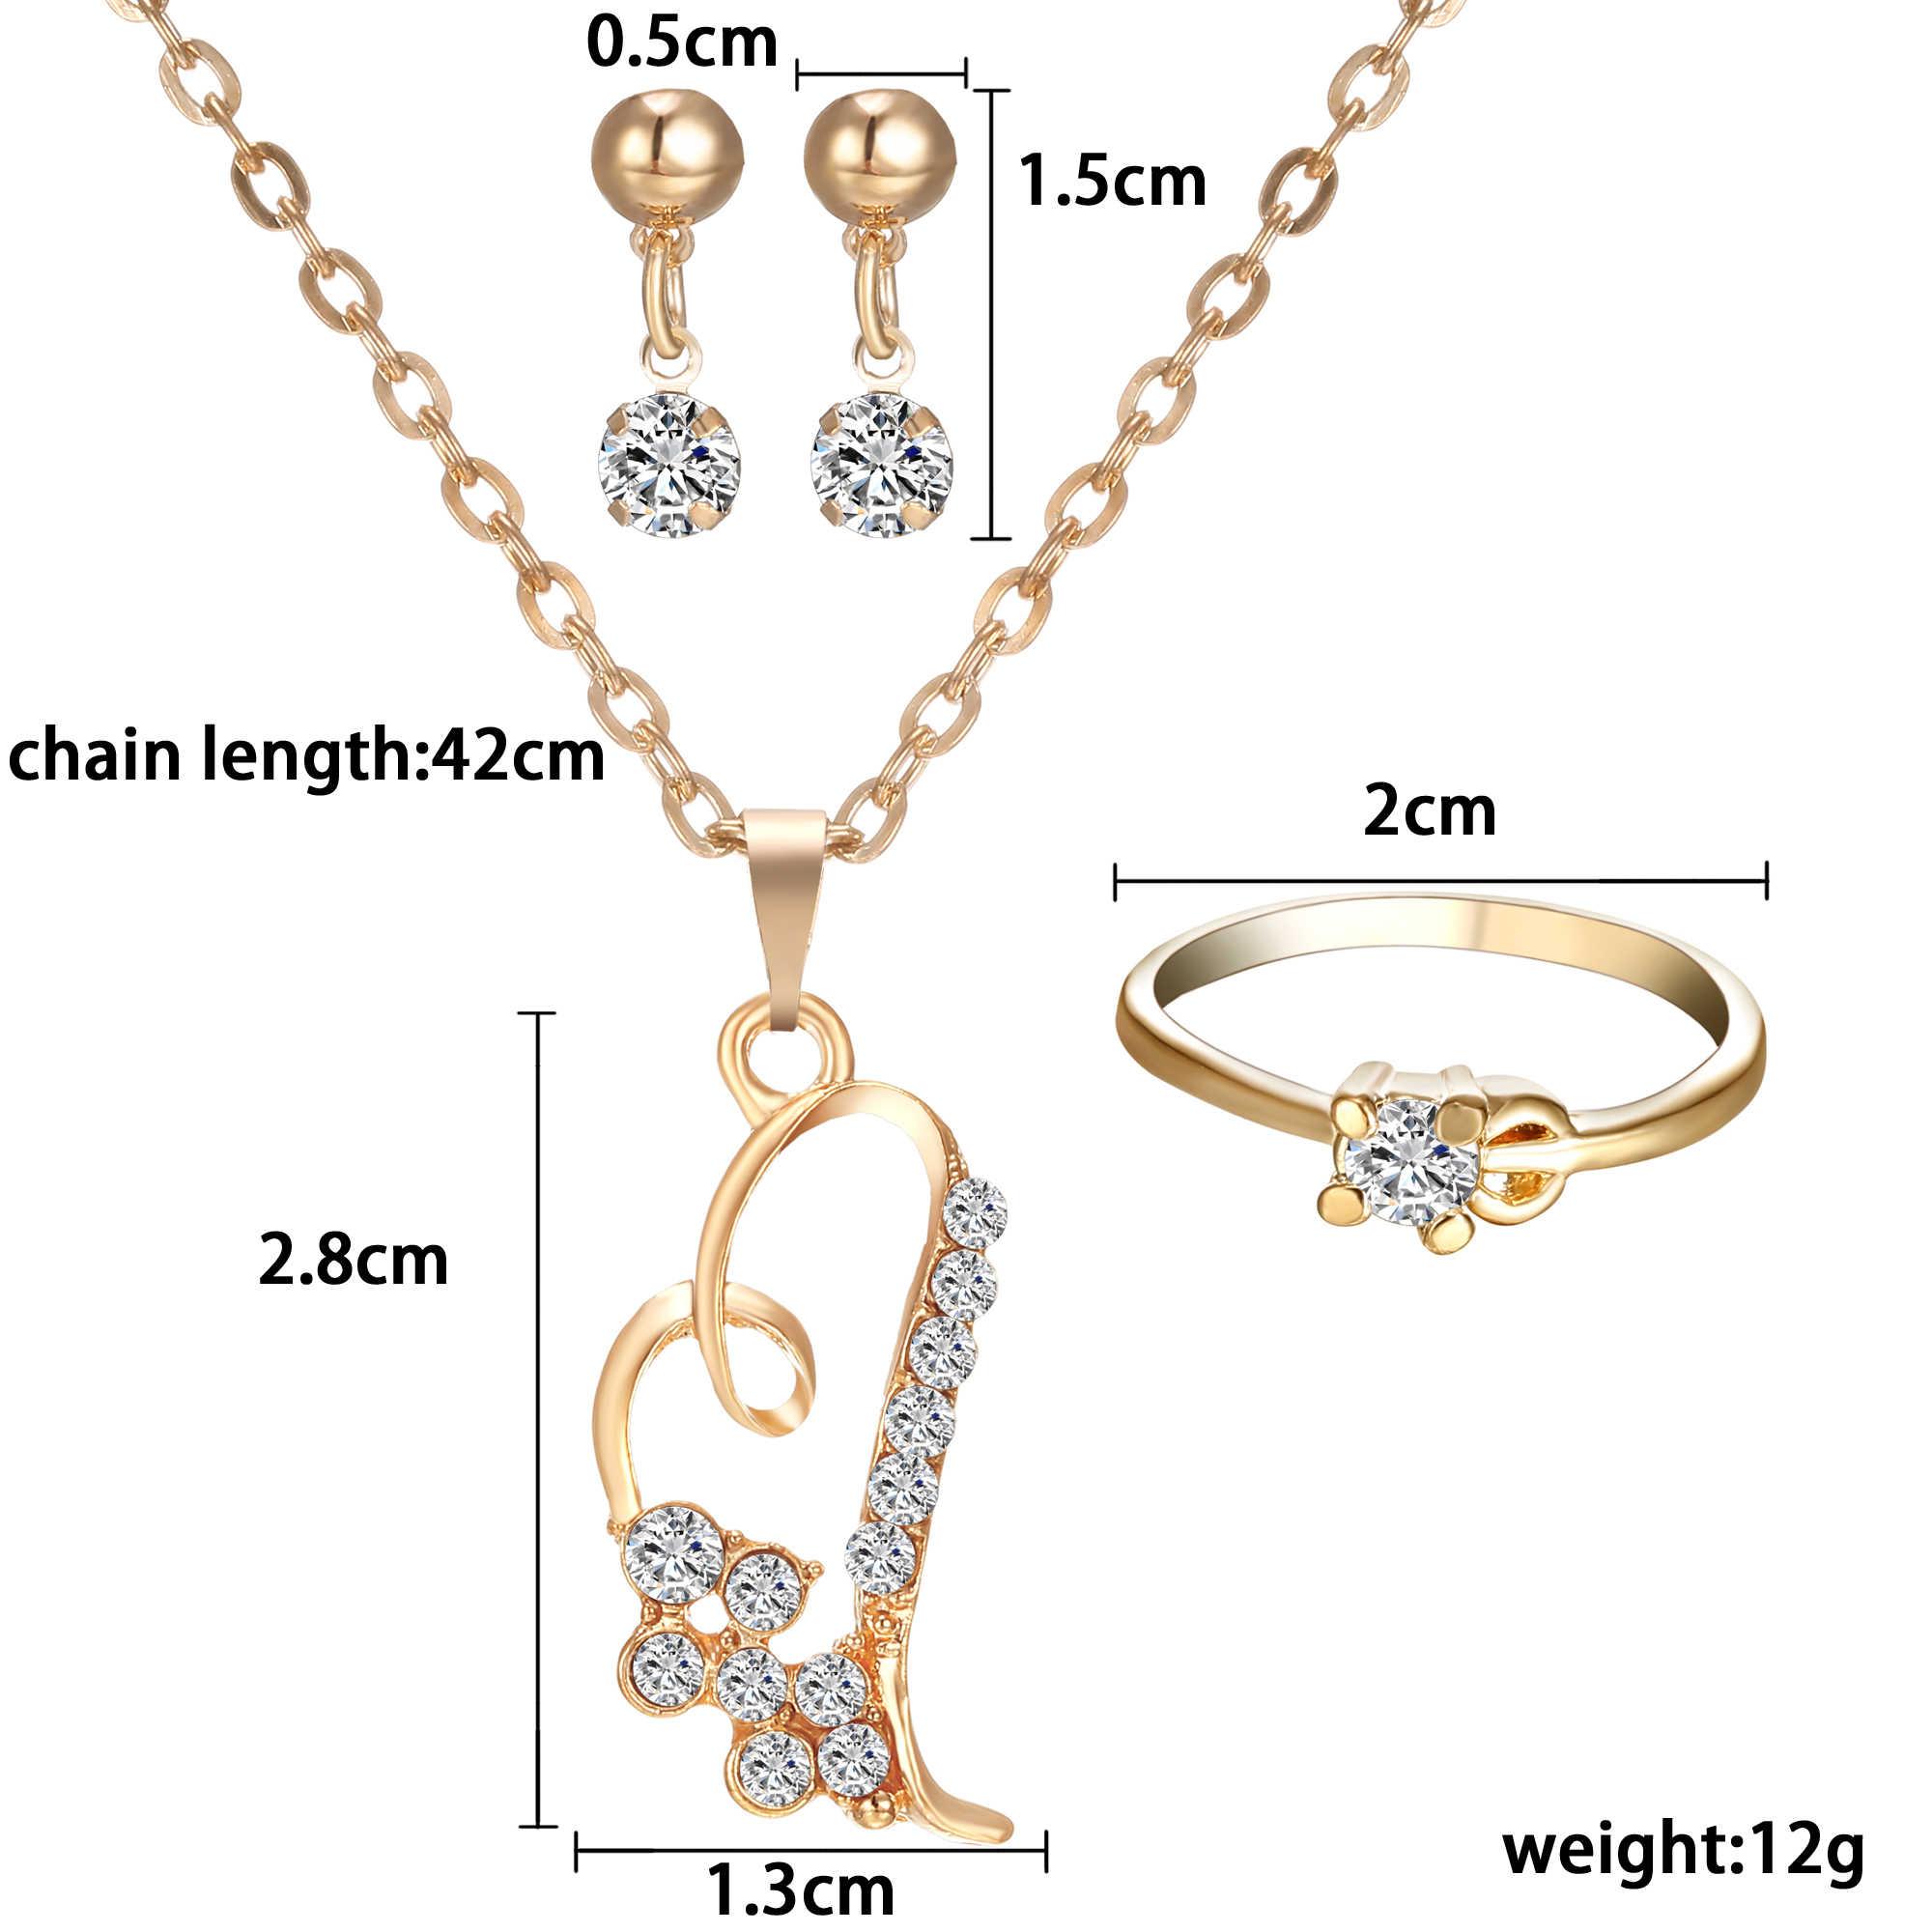 רומנטי לב תליון שרשראות תכשיטי סט מעולה עגיל טבעות סט לנשים מסיבת חתונת אירוסין תכשיטים